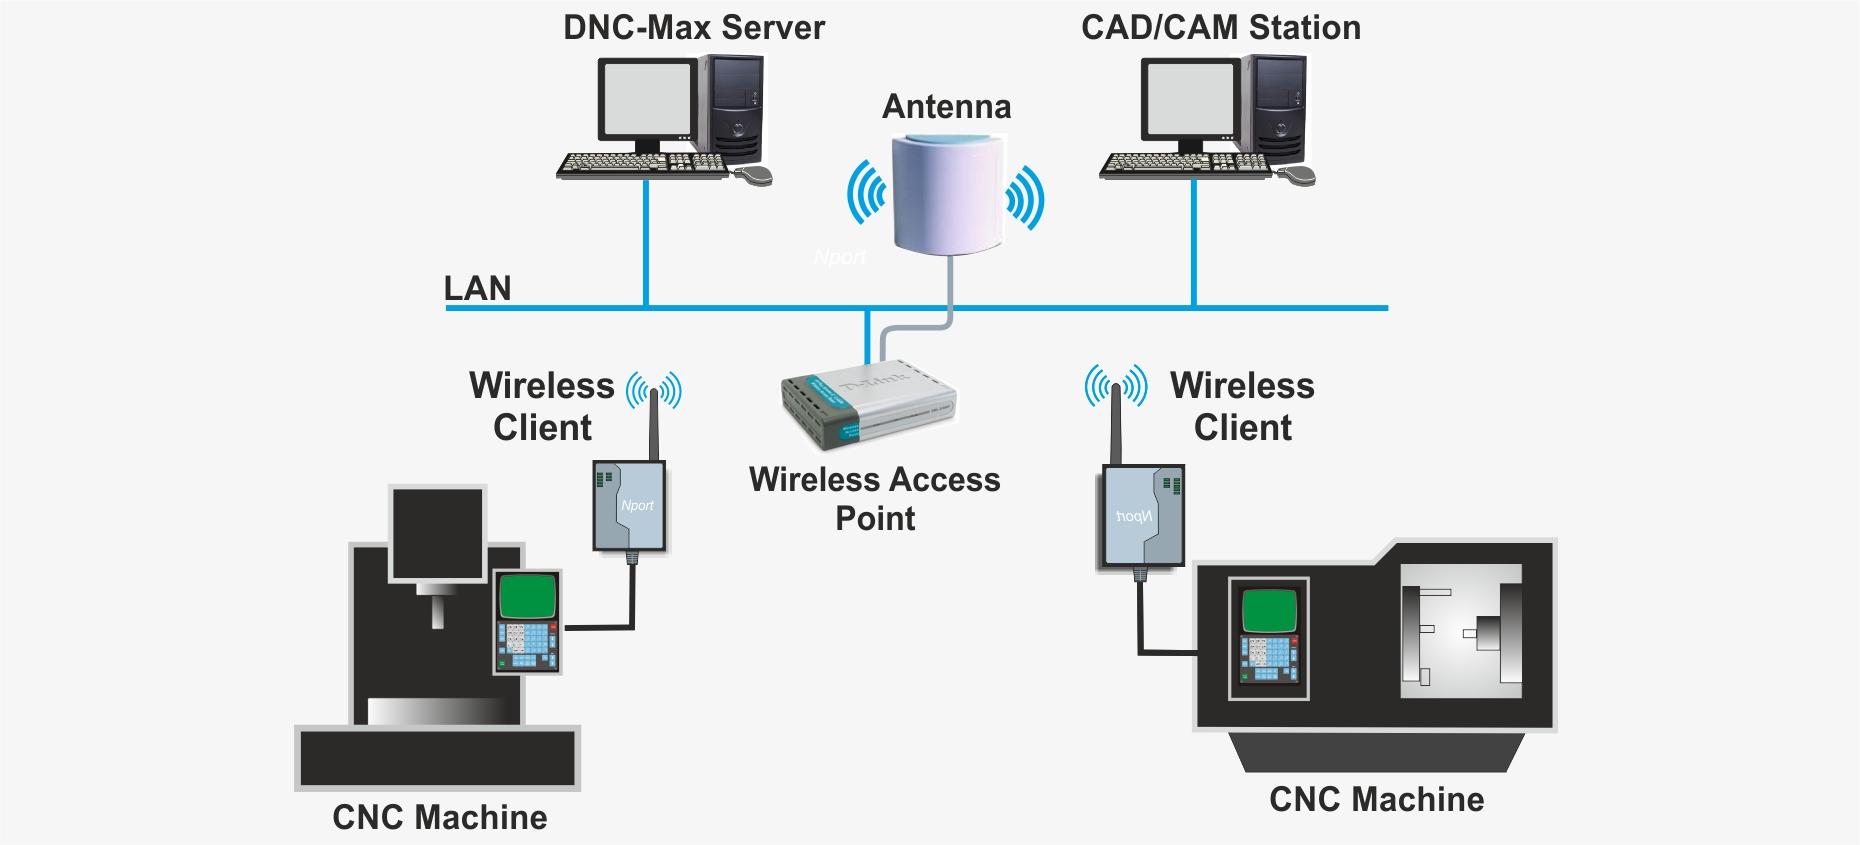 DNC-Max – CNC